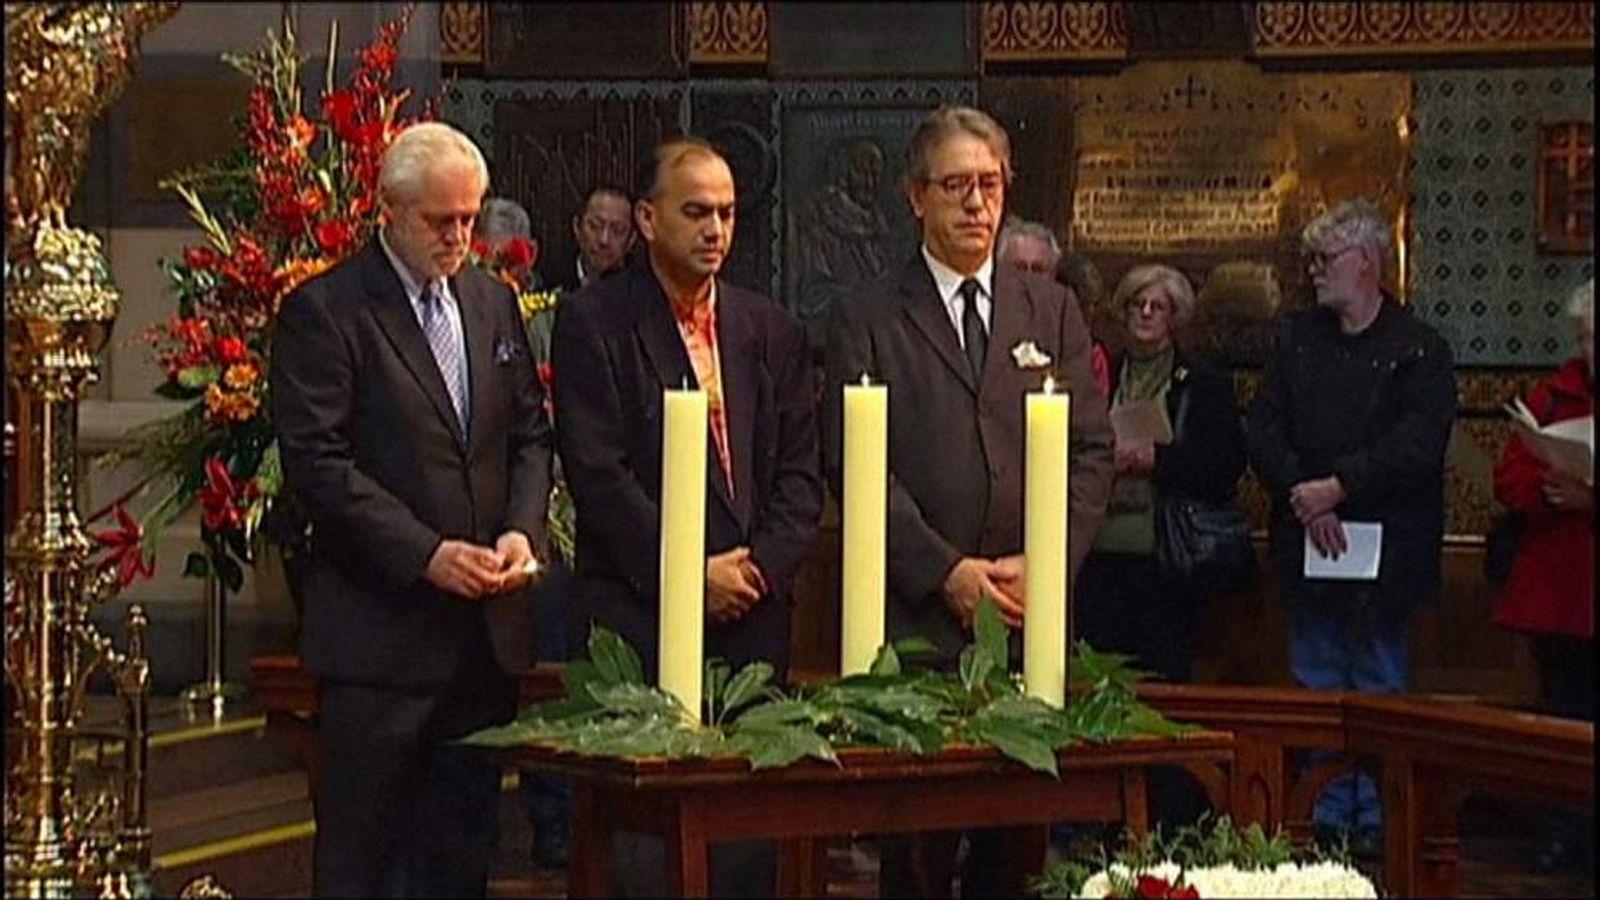 Australia church service for MH17 victims